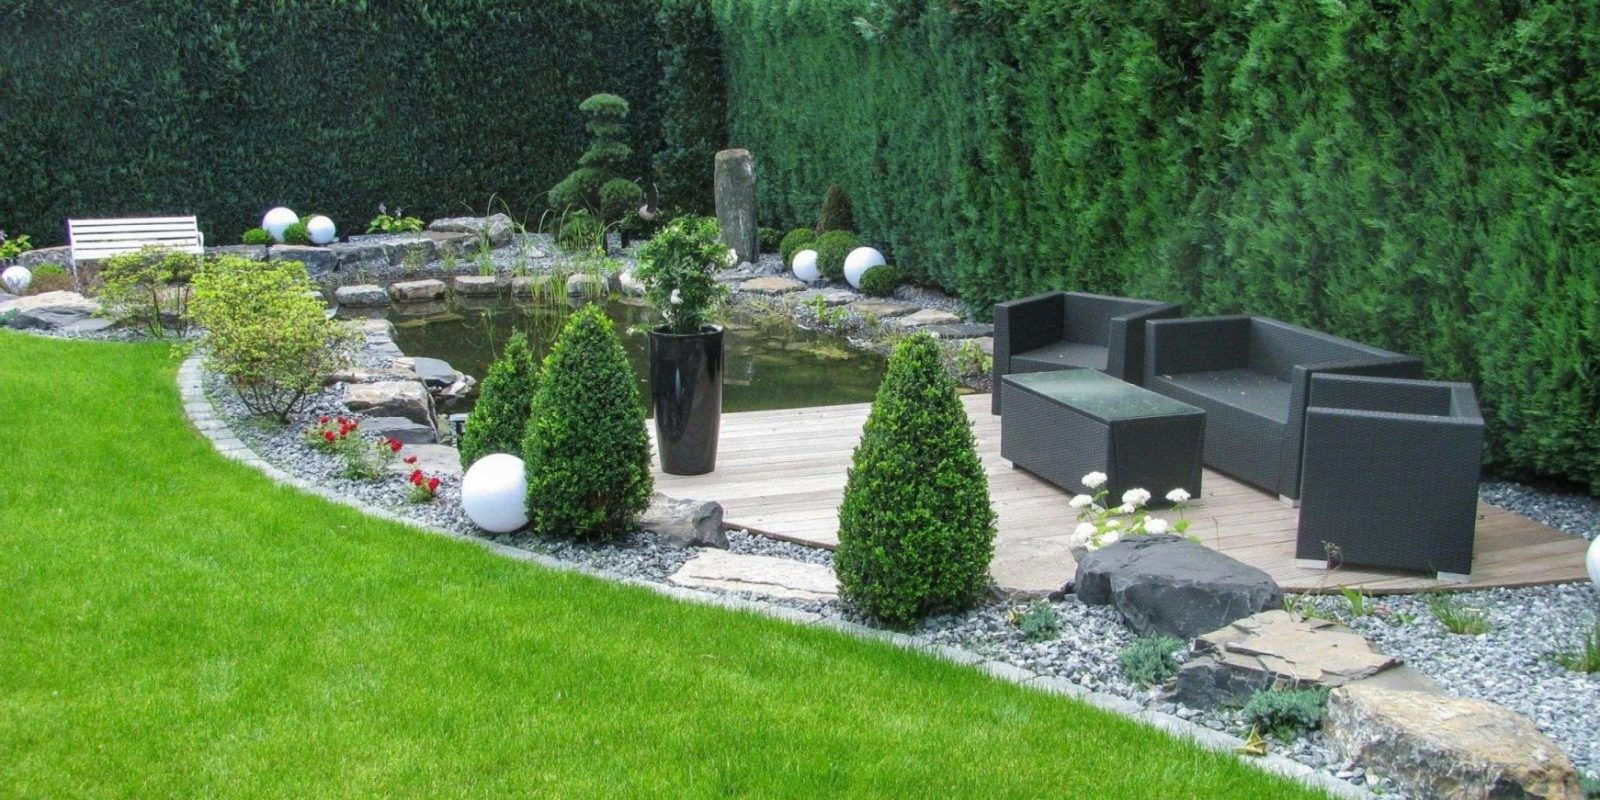 Gartengestaltung Mit Kies Und Holz Design Von Sichtschutz Gräser von Gartengestaltung Mit Kies Und Gräsern Photo